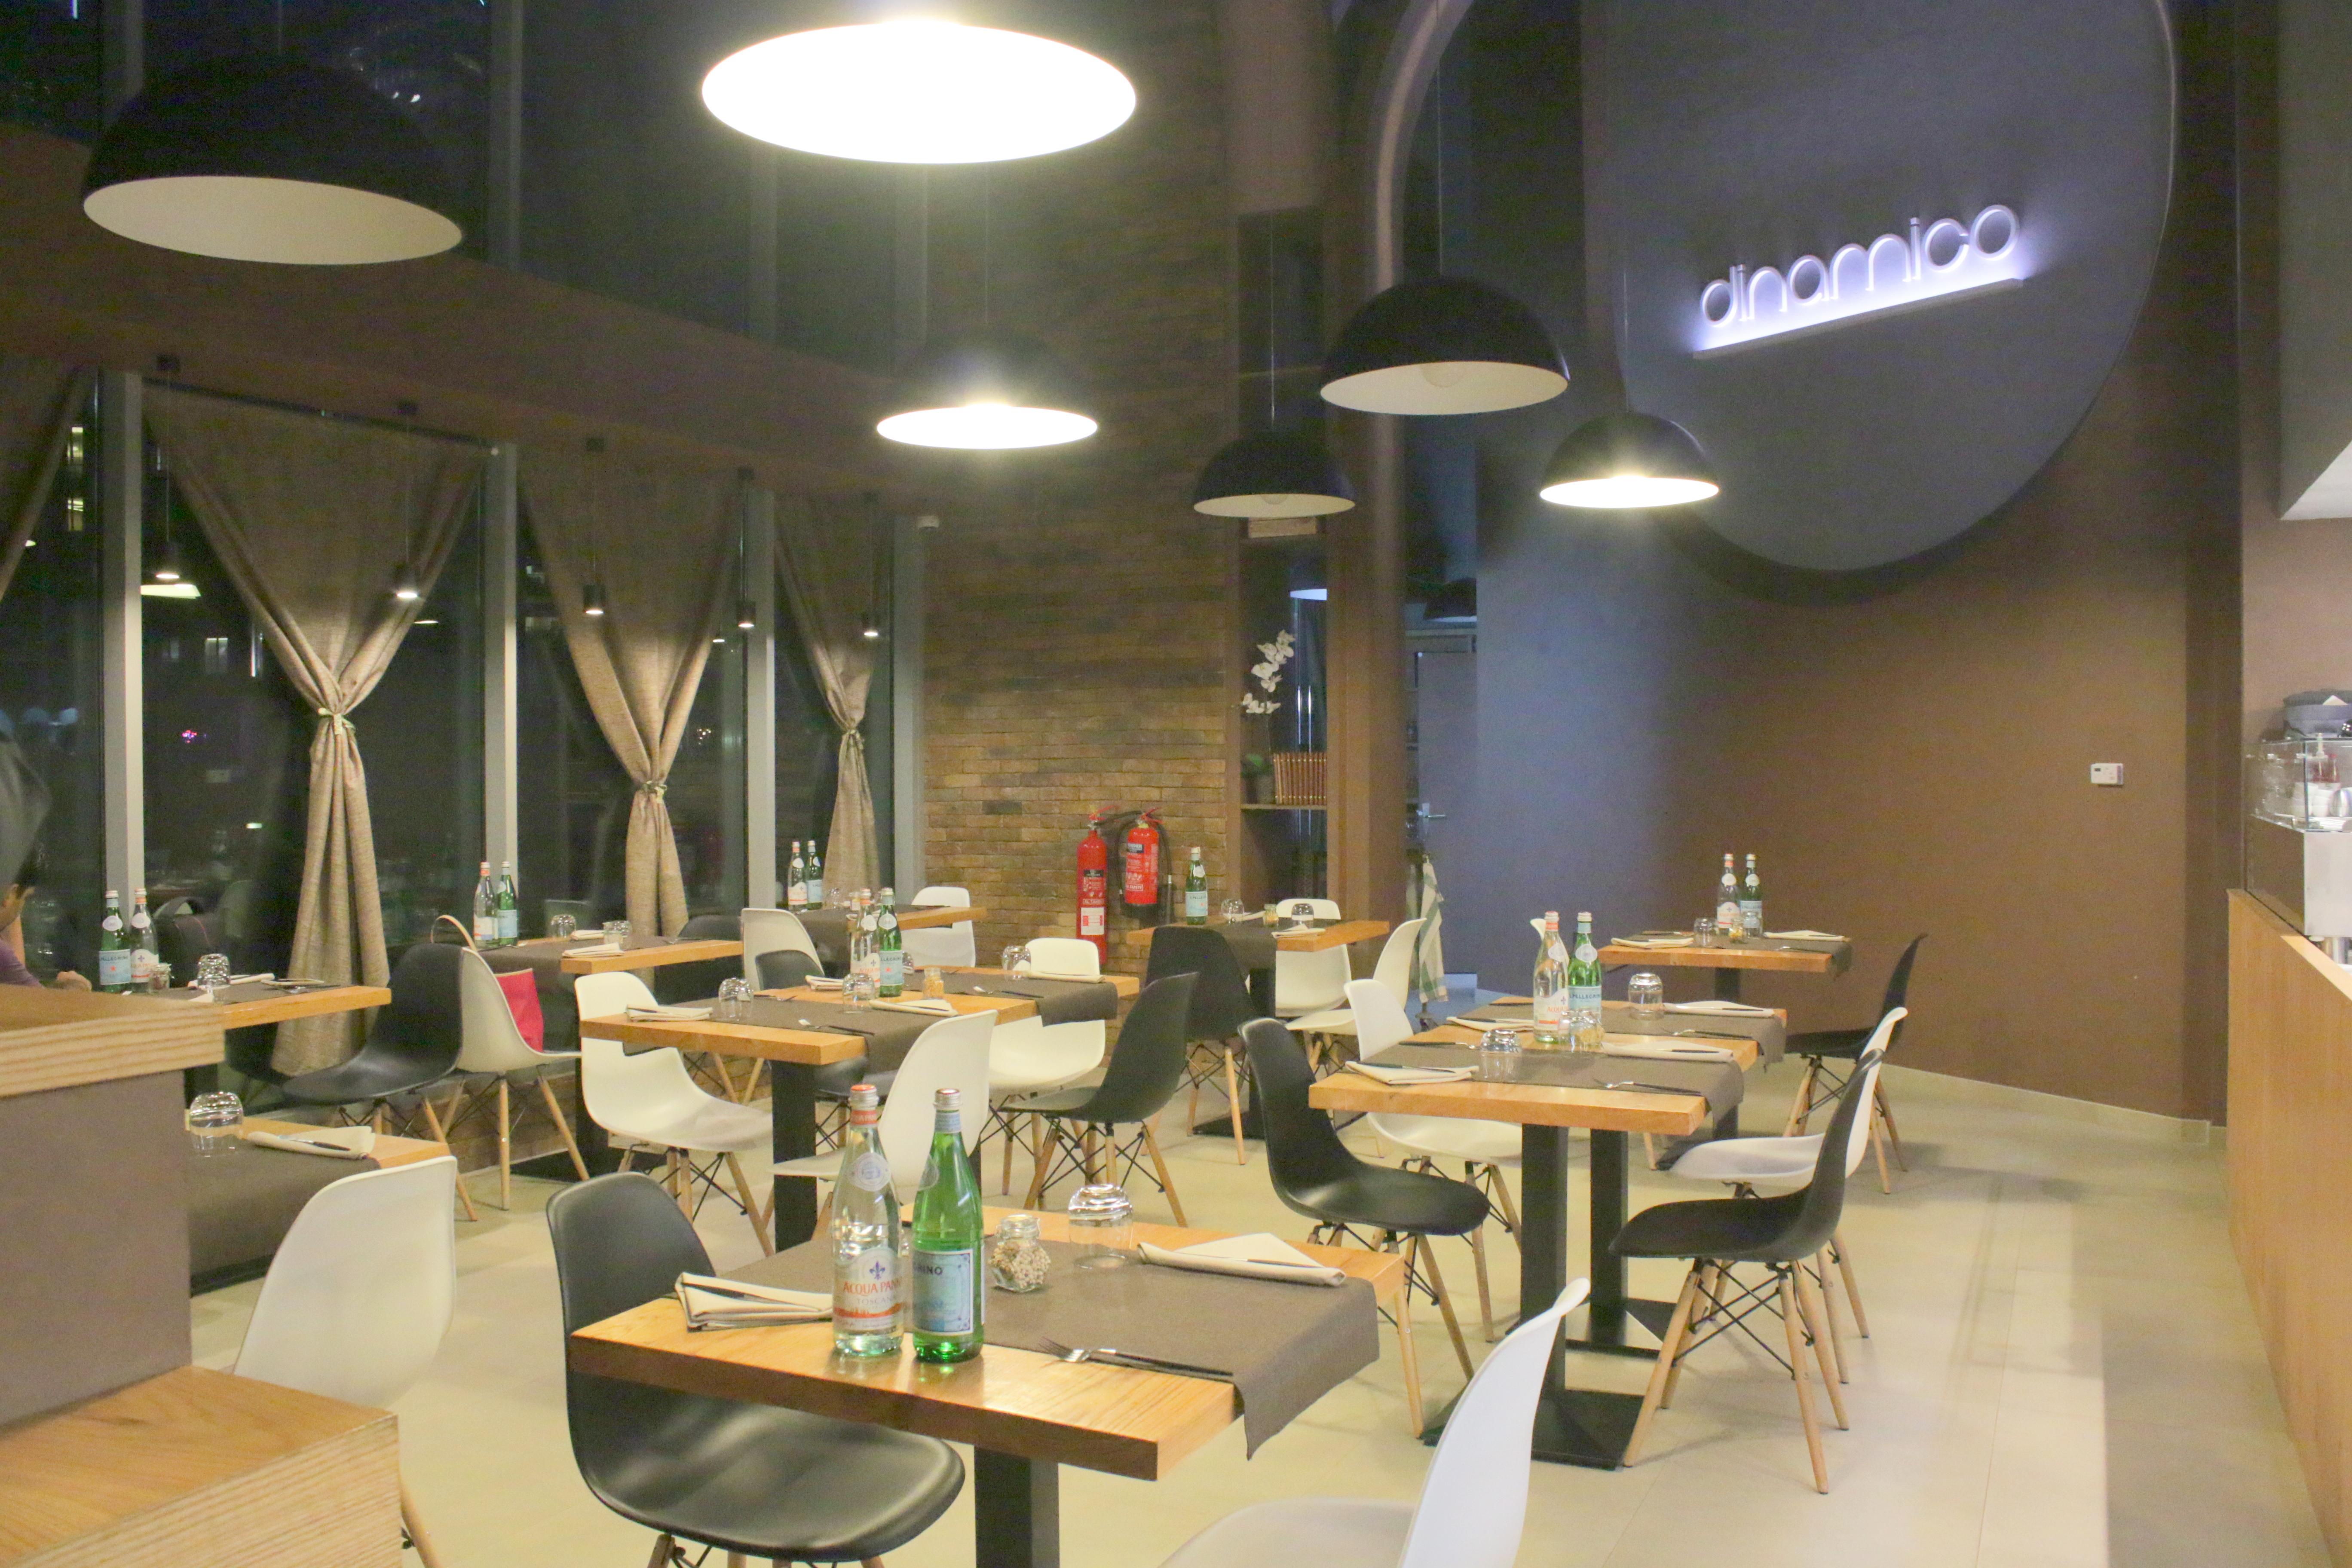 Dinamico Restaurant (An Italian Eatery) – Engineer With Flair